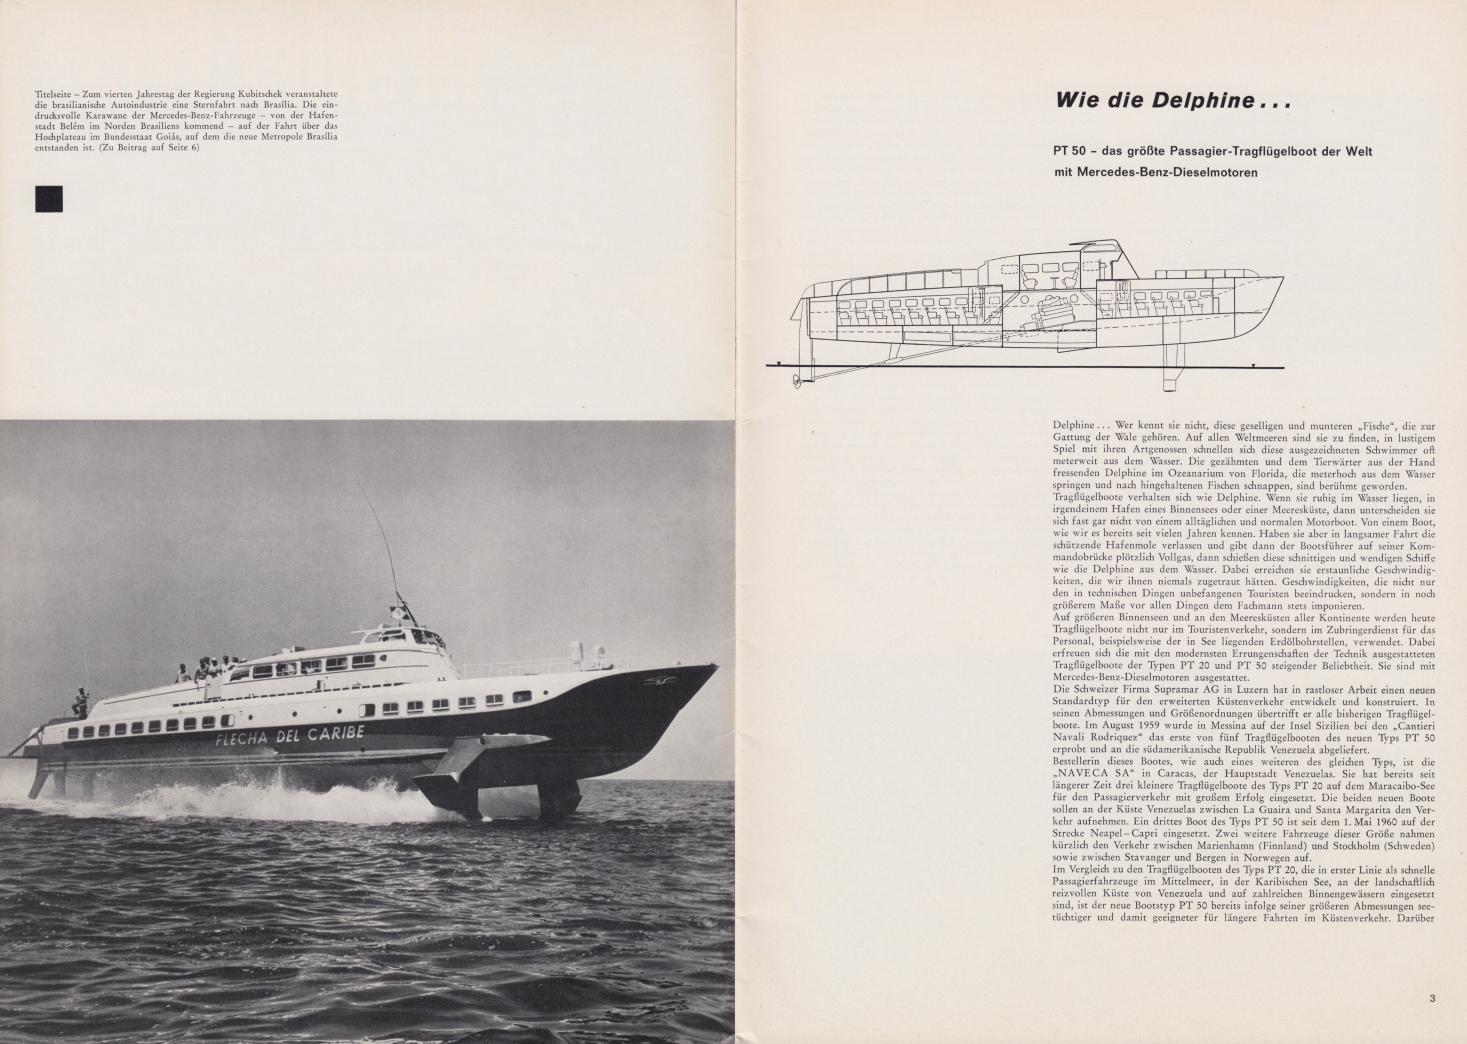 (REVISTA): Periódico In aller welt n.º 42 - Mercedes-Benz no mundo - 1960 - multilingue - com imagens do Brasil e construção de Brasília 002